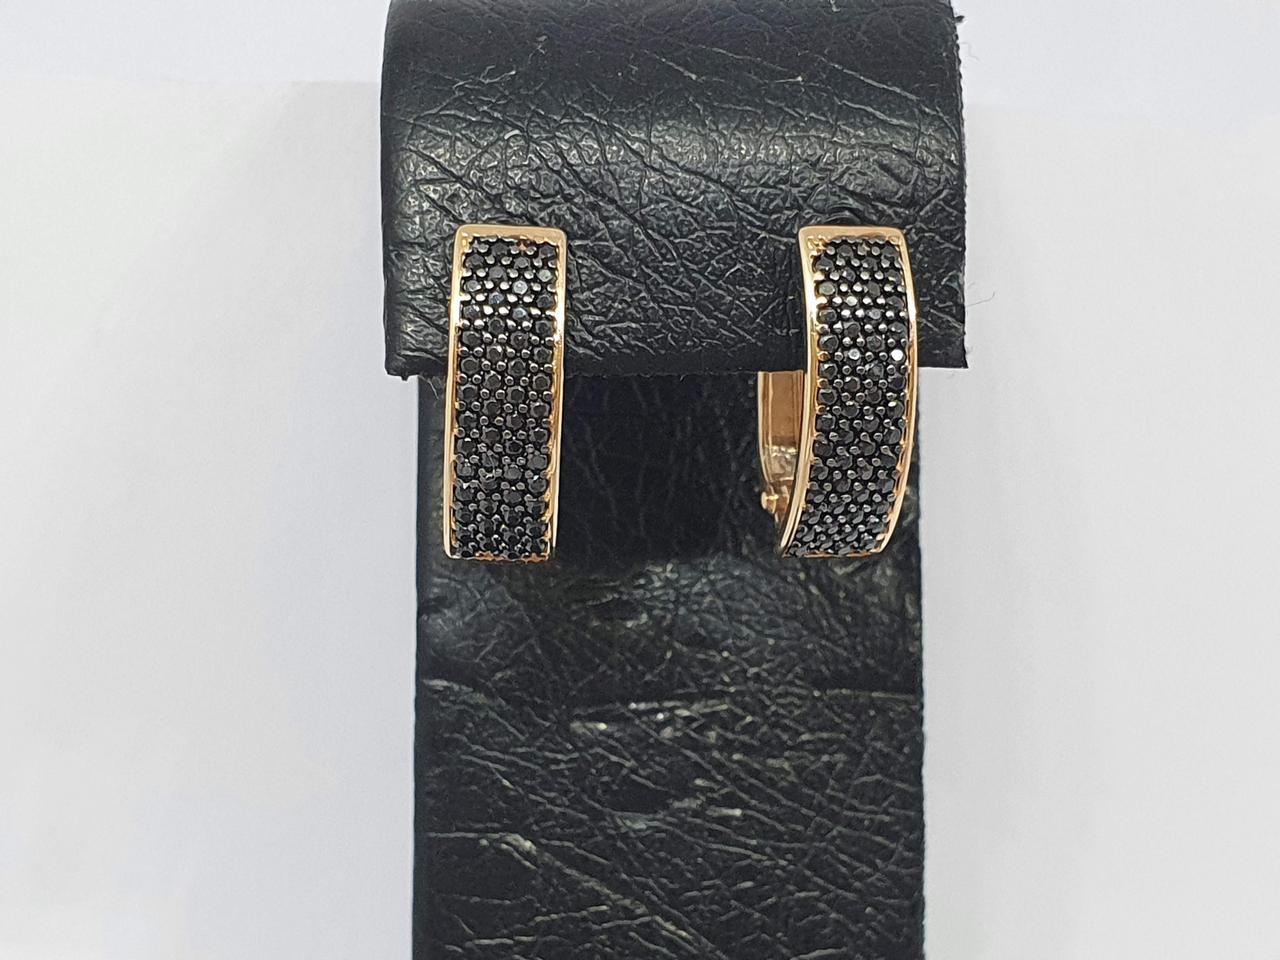 Золотые серьги с черными фианитами. Артикул 211802_Ч